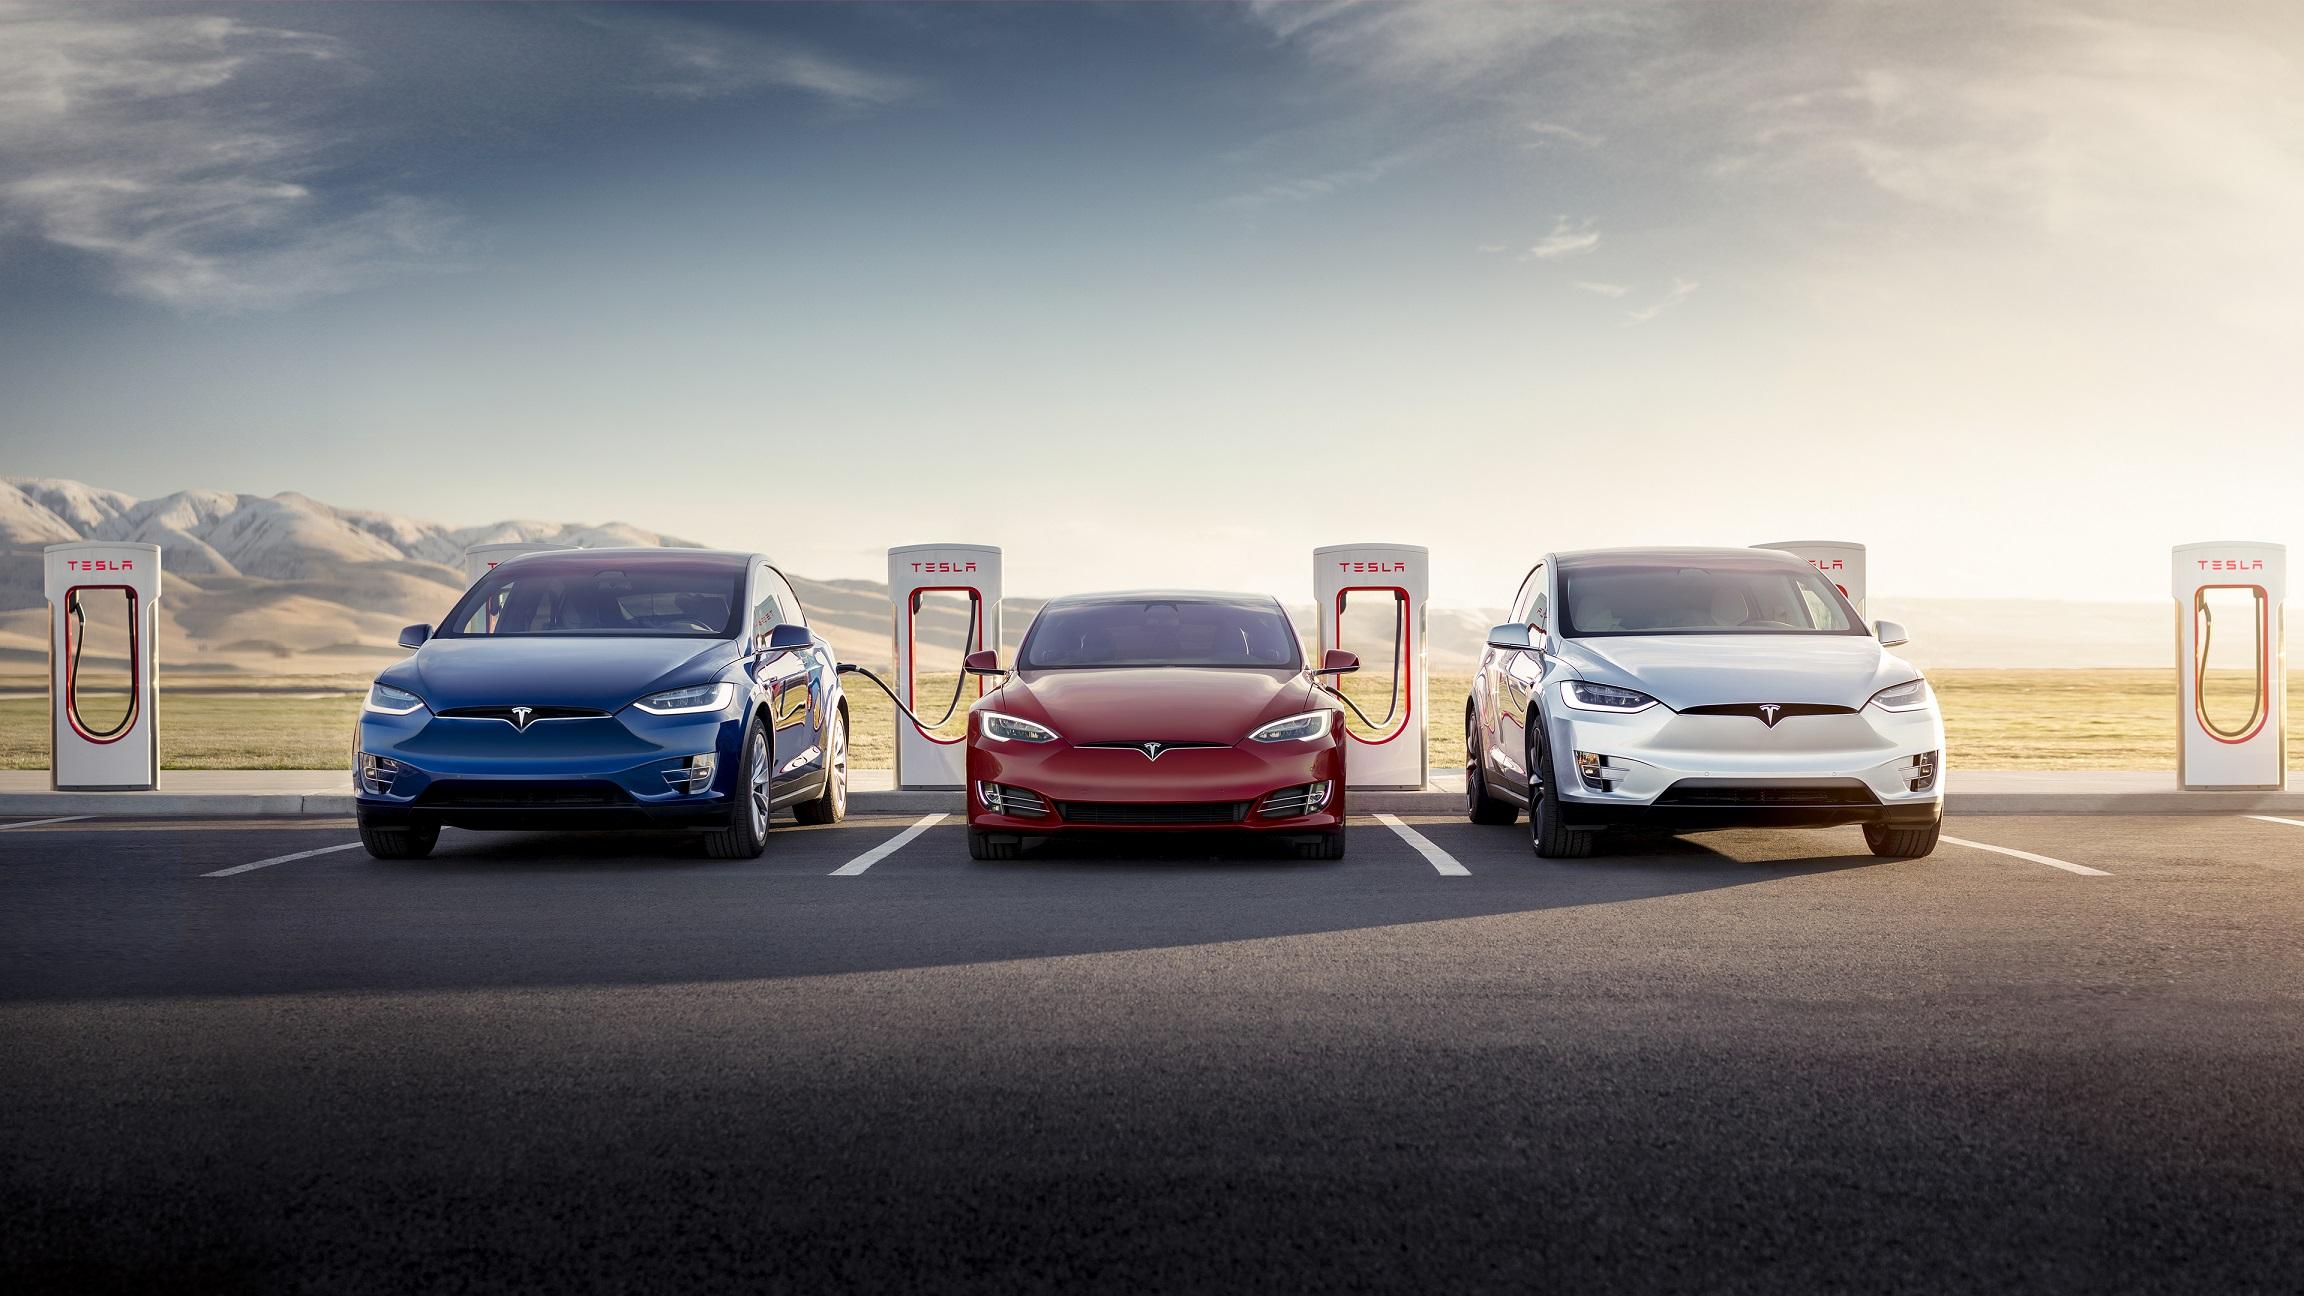 Tesla Model S és két Tesla Model X töltés közben